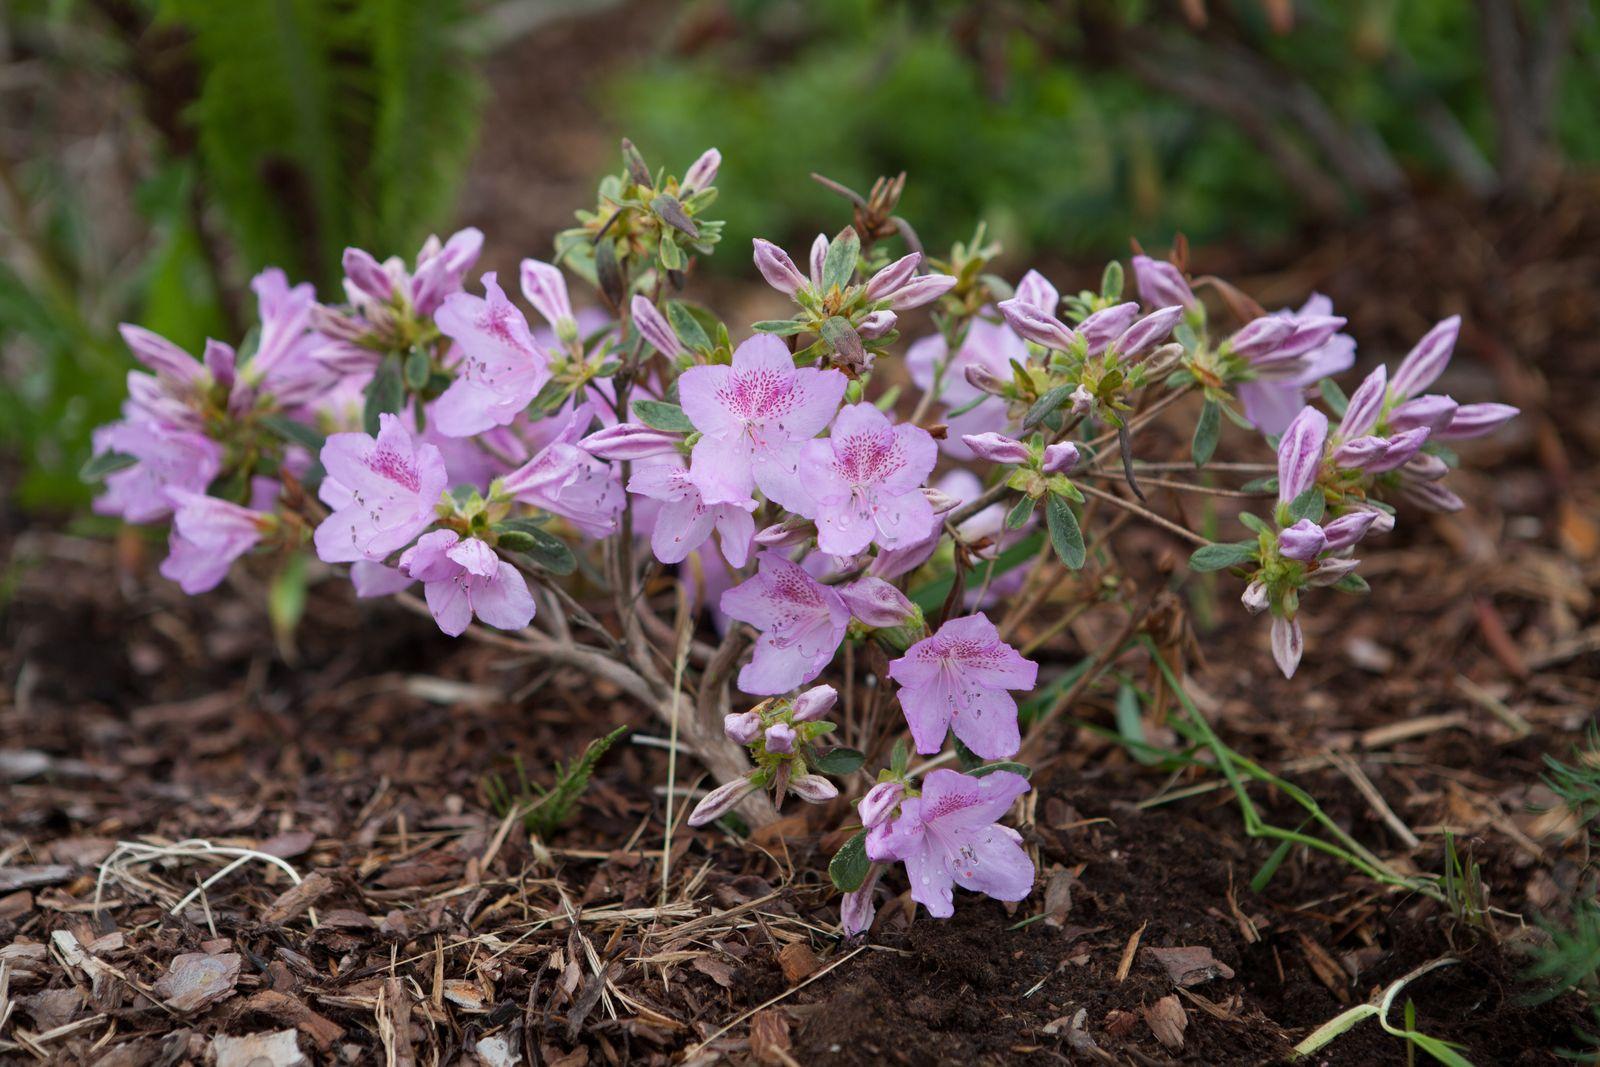 Berühmt Rhododendron pflanzen: Anleitung vom Experten & Pflanz-Tipps &LN_43